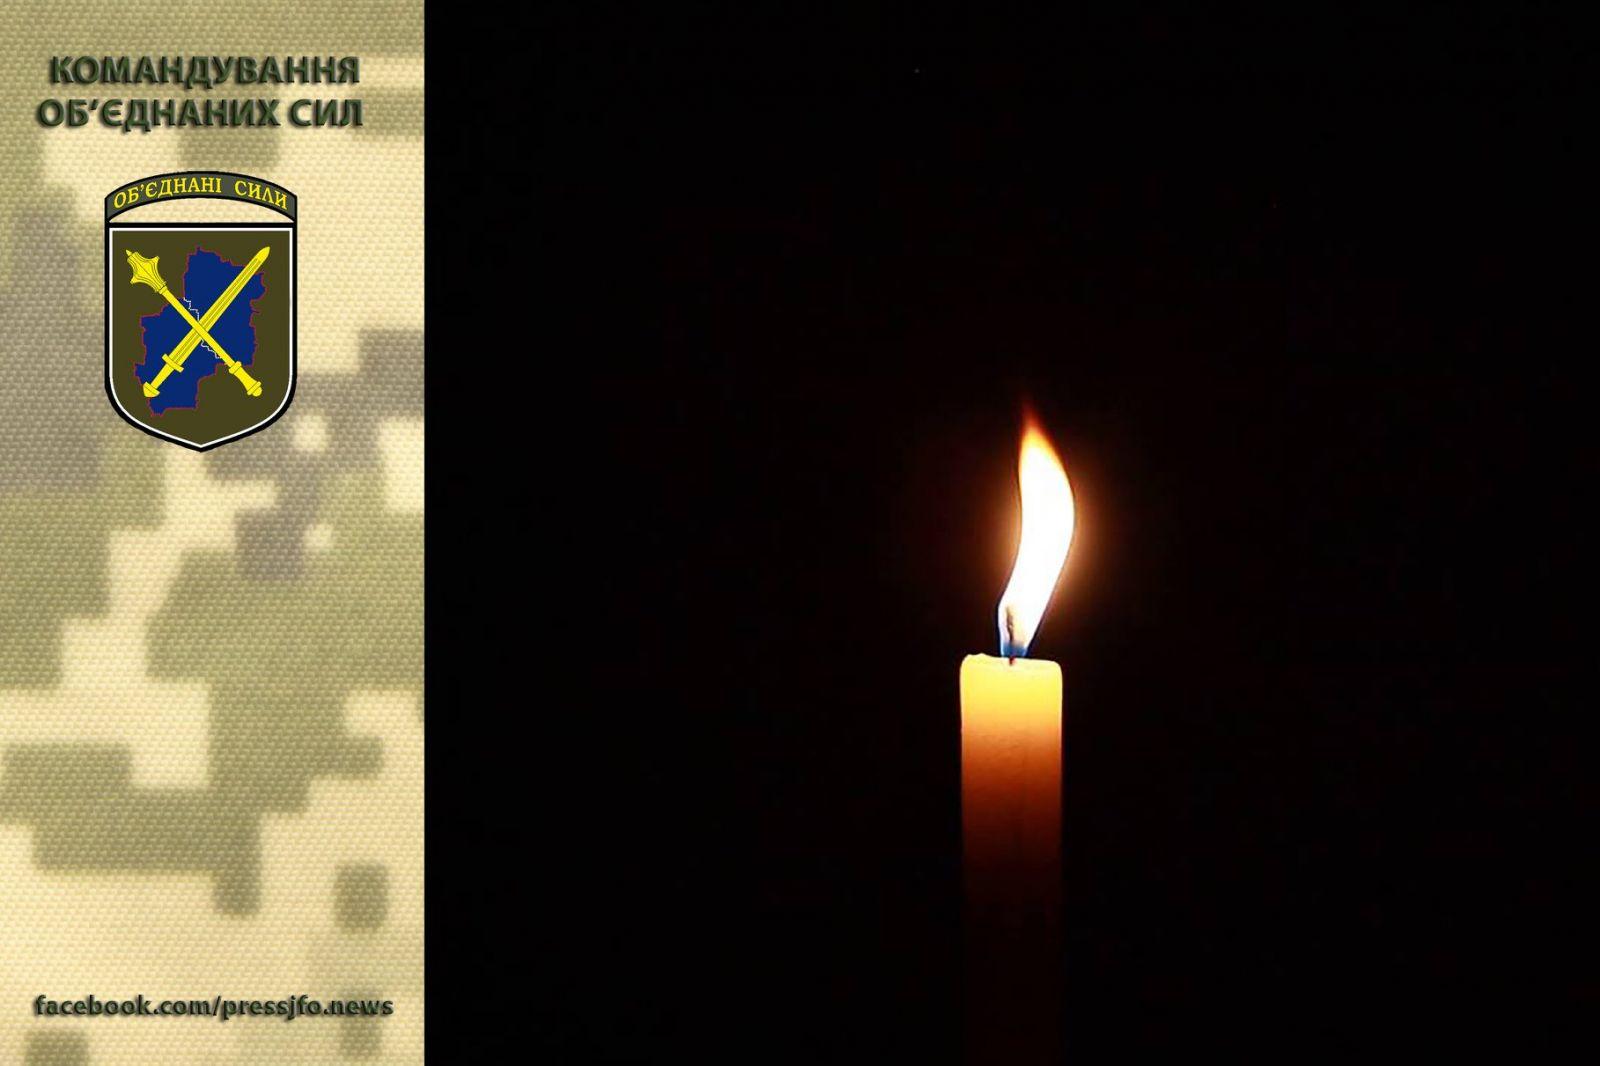 Стало известно имя погибшего украинского офицера на Донбассе